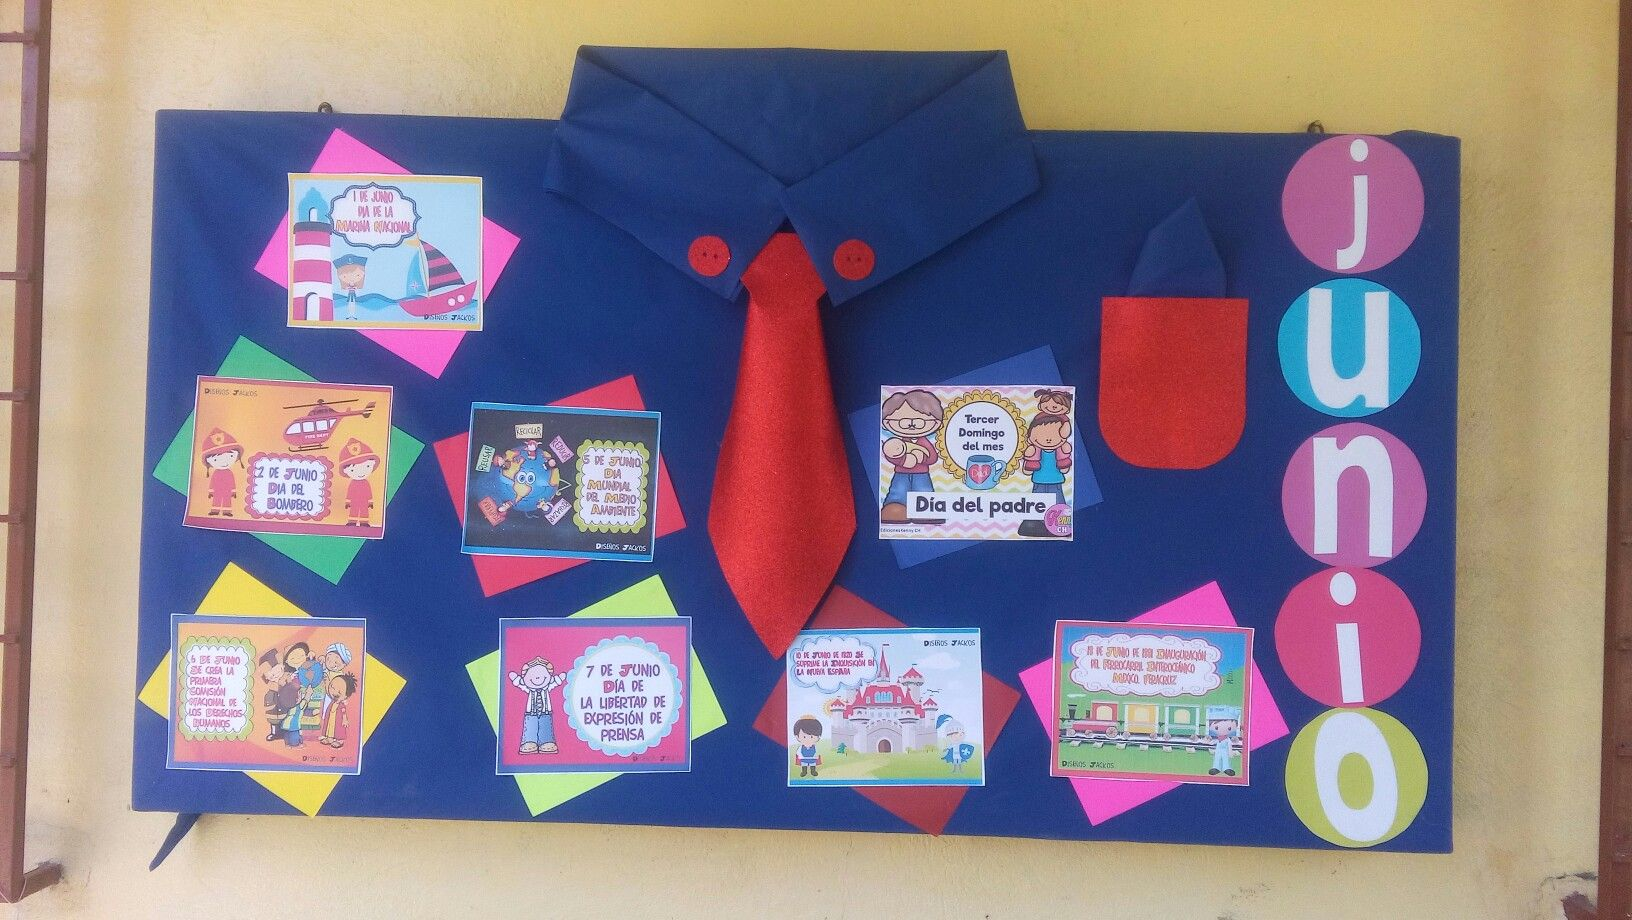 Periodico De Junio Ideas A Practicar En La Escuela Periodico